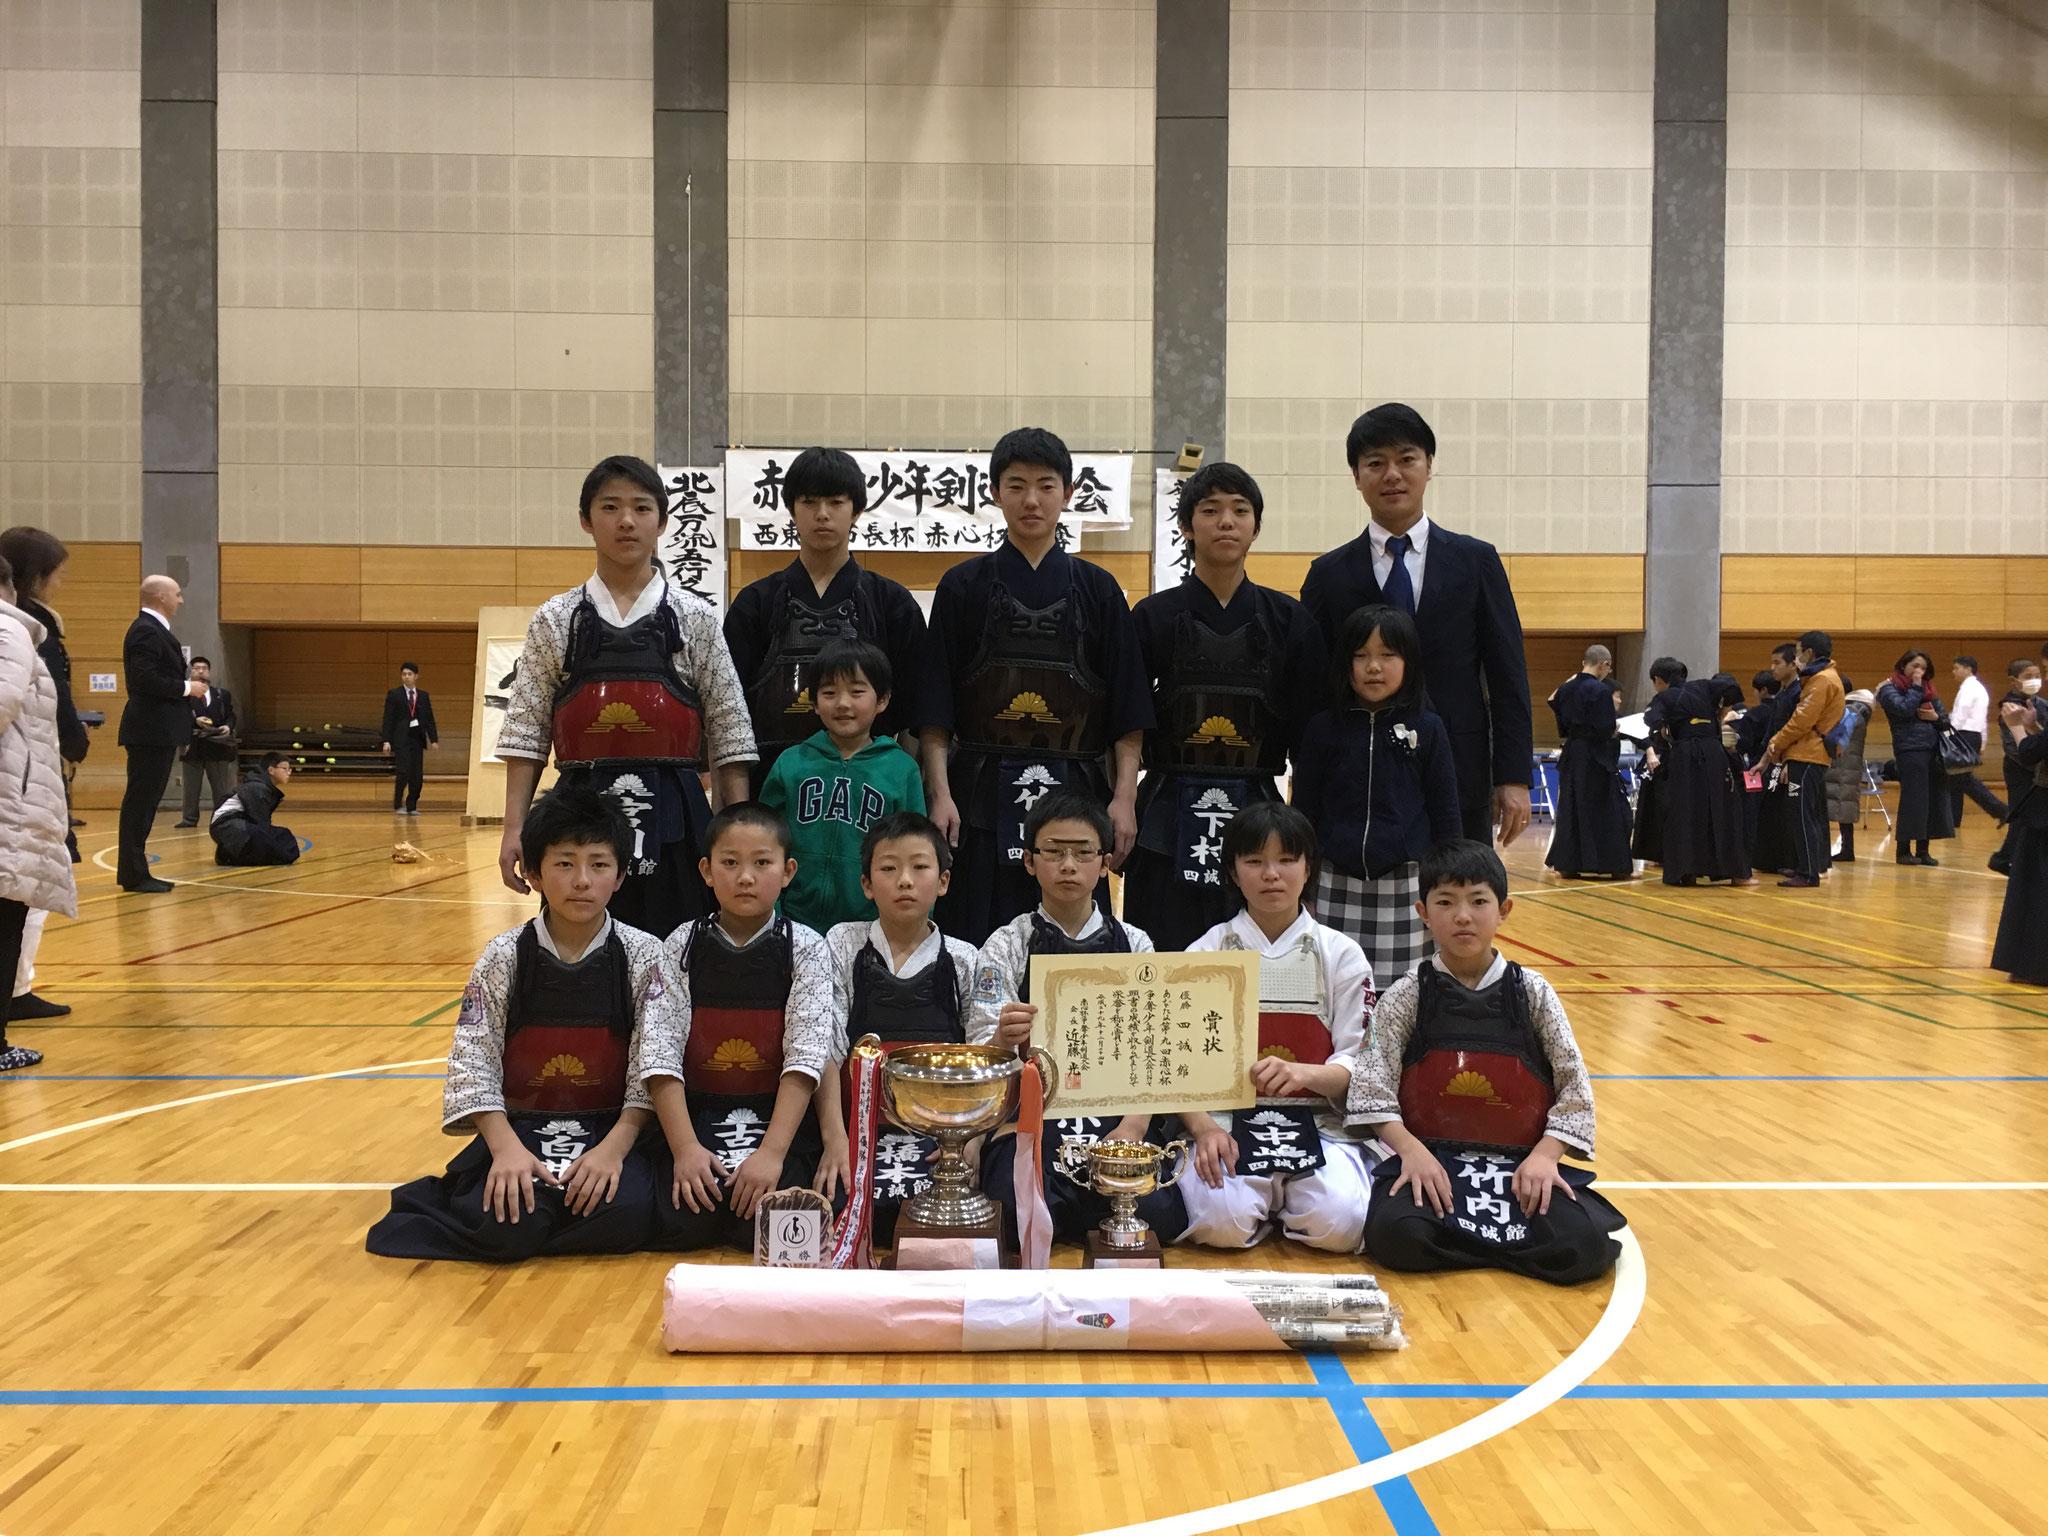 第9回赤心杯争奪少年剣道大会